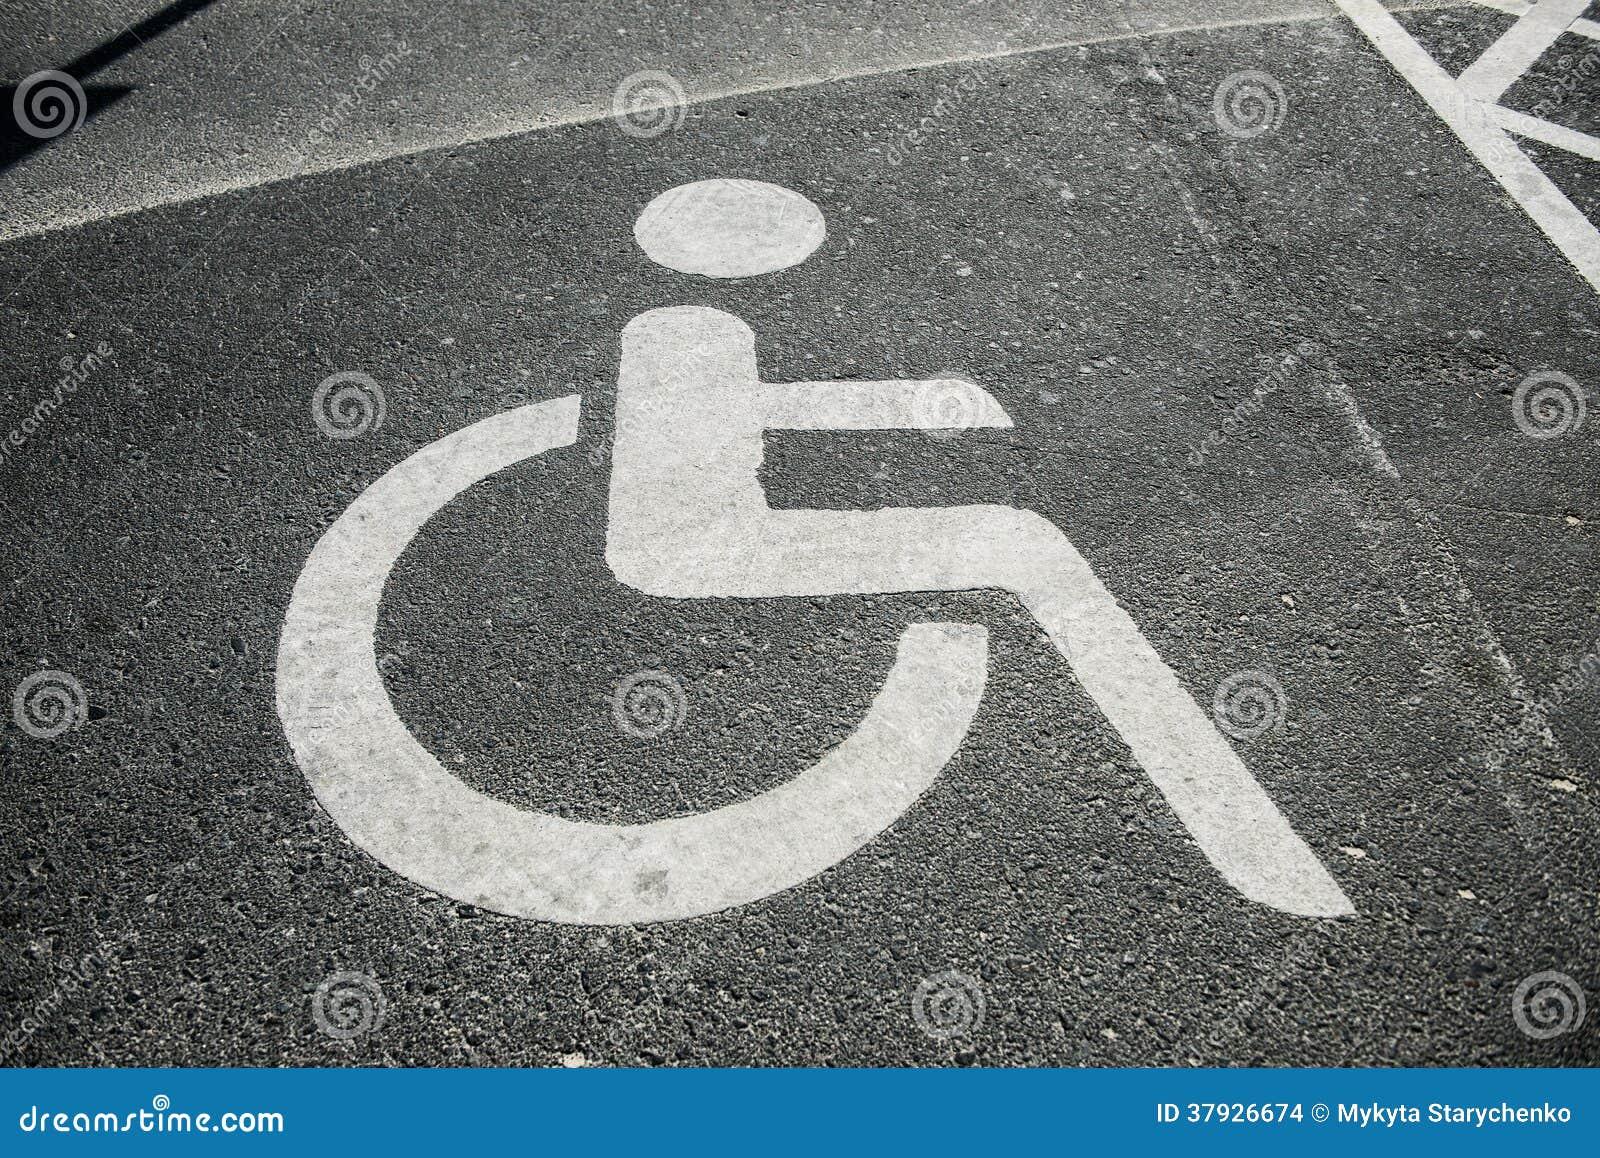 Место для парковки для неработающего